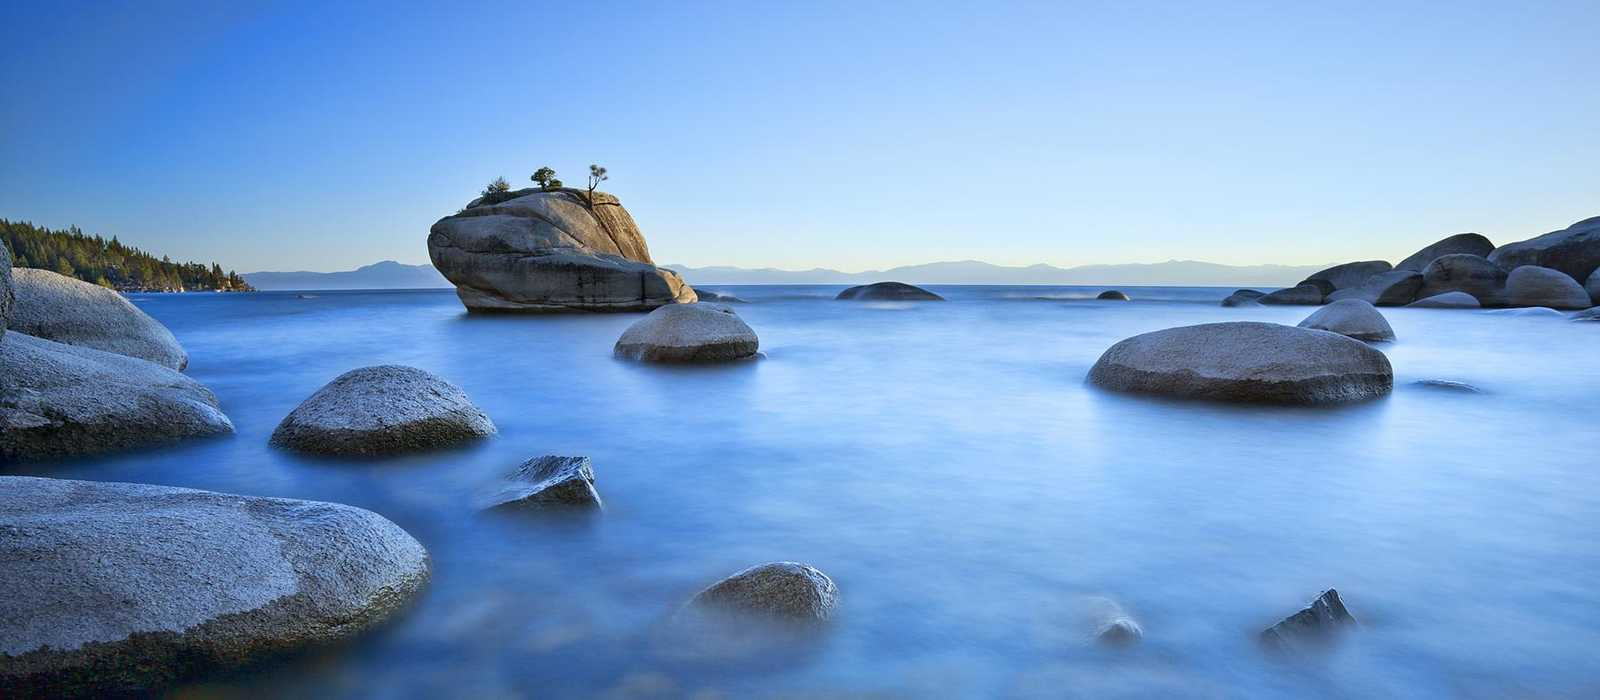 Bonzai Rock - Lake Tahoe